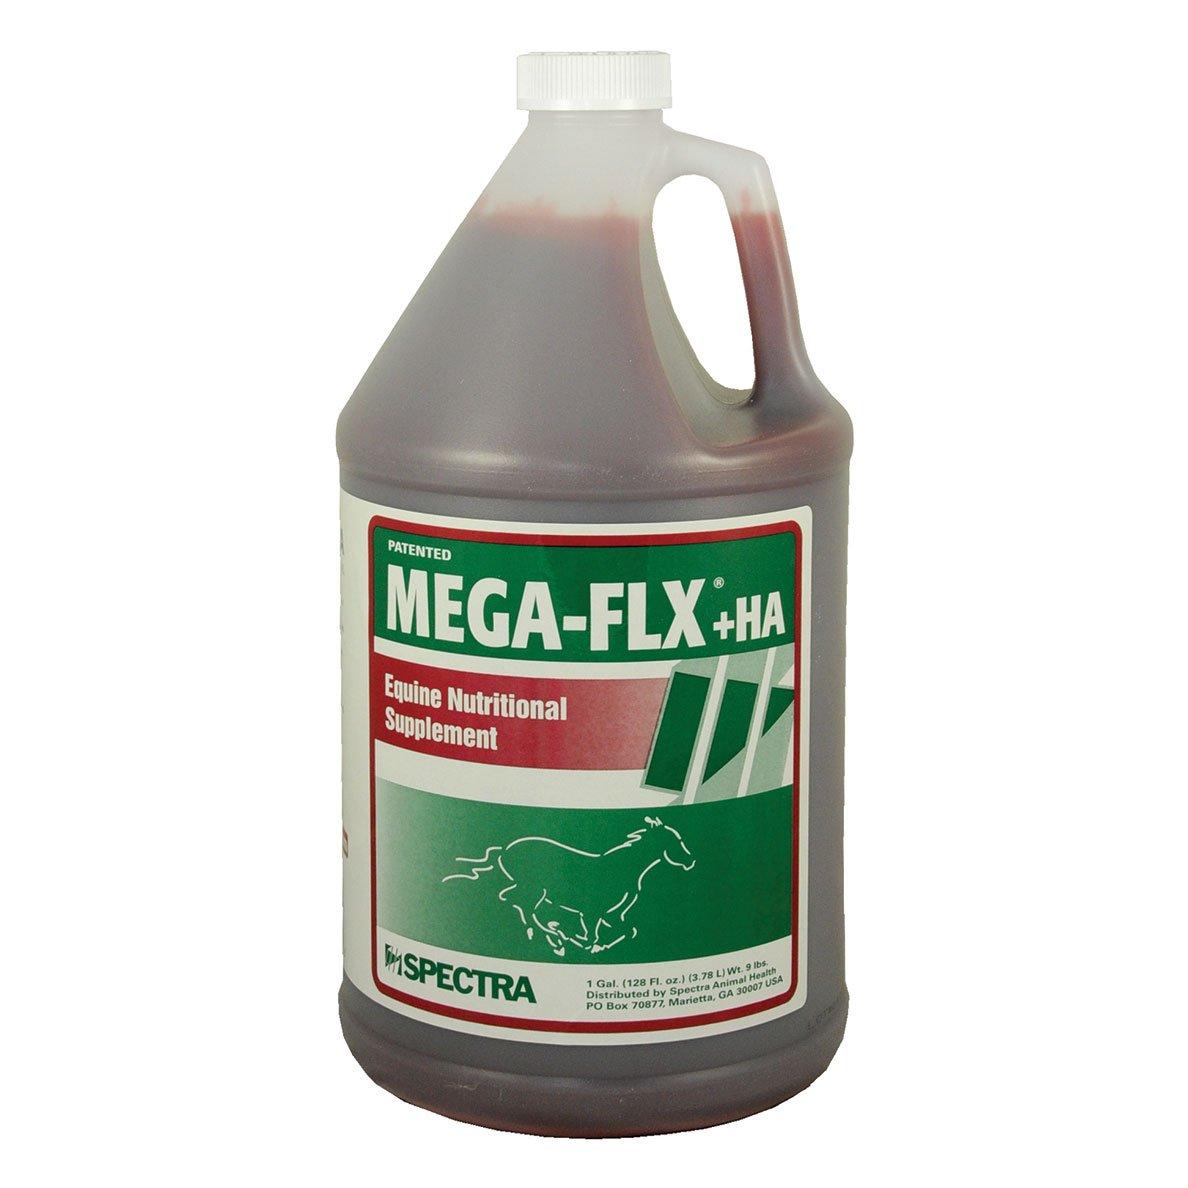 Mega-Flx + HA Equine, Gallon (128 oz)